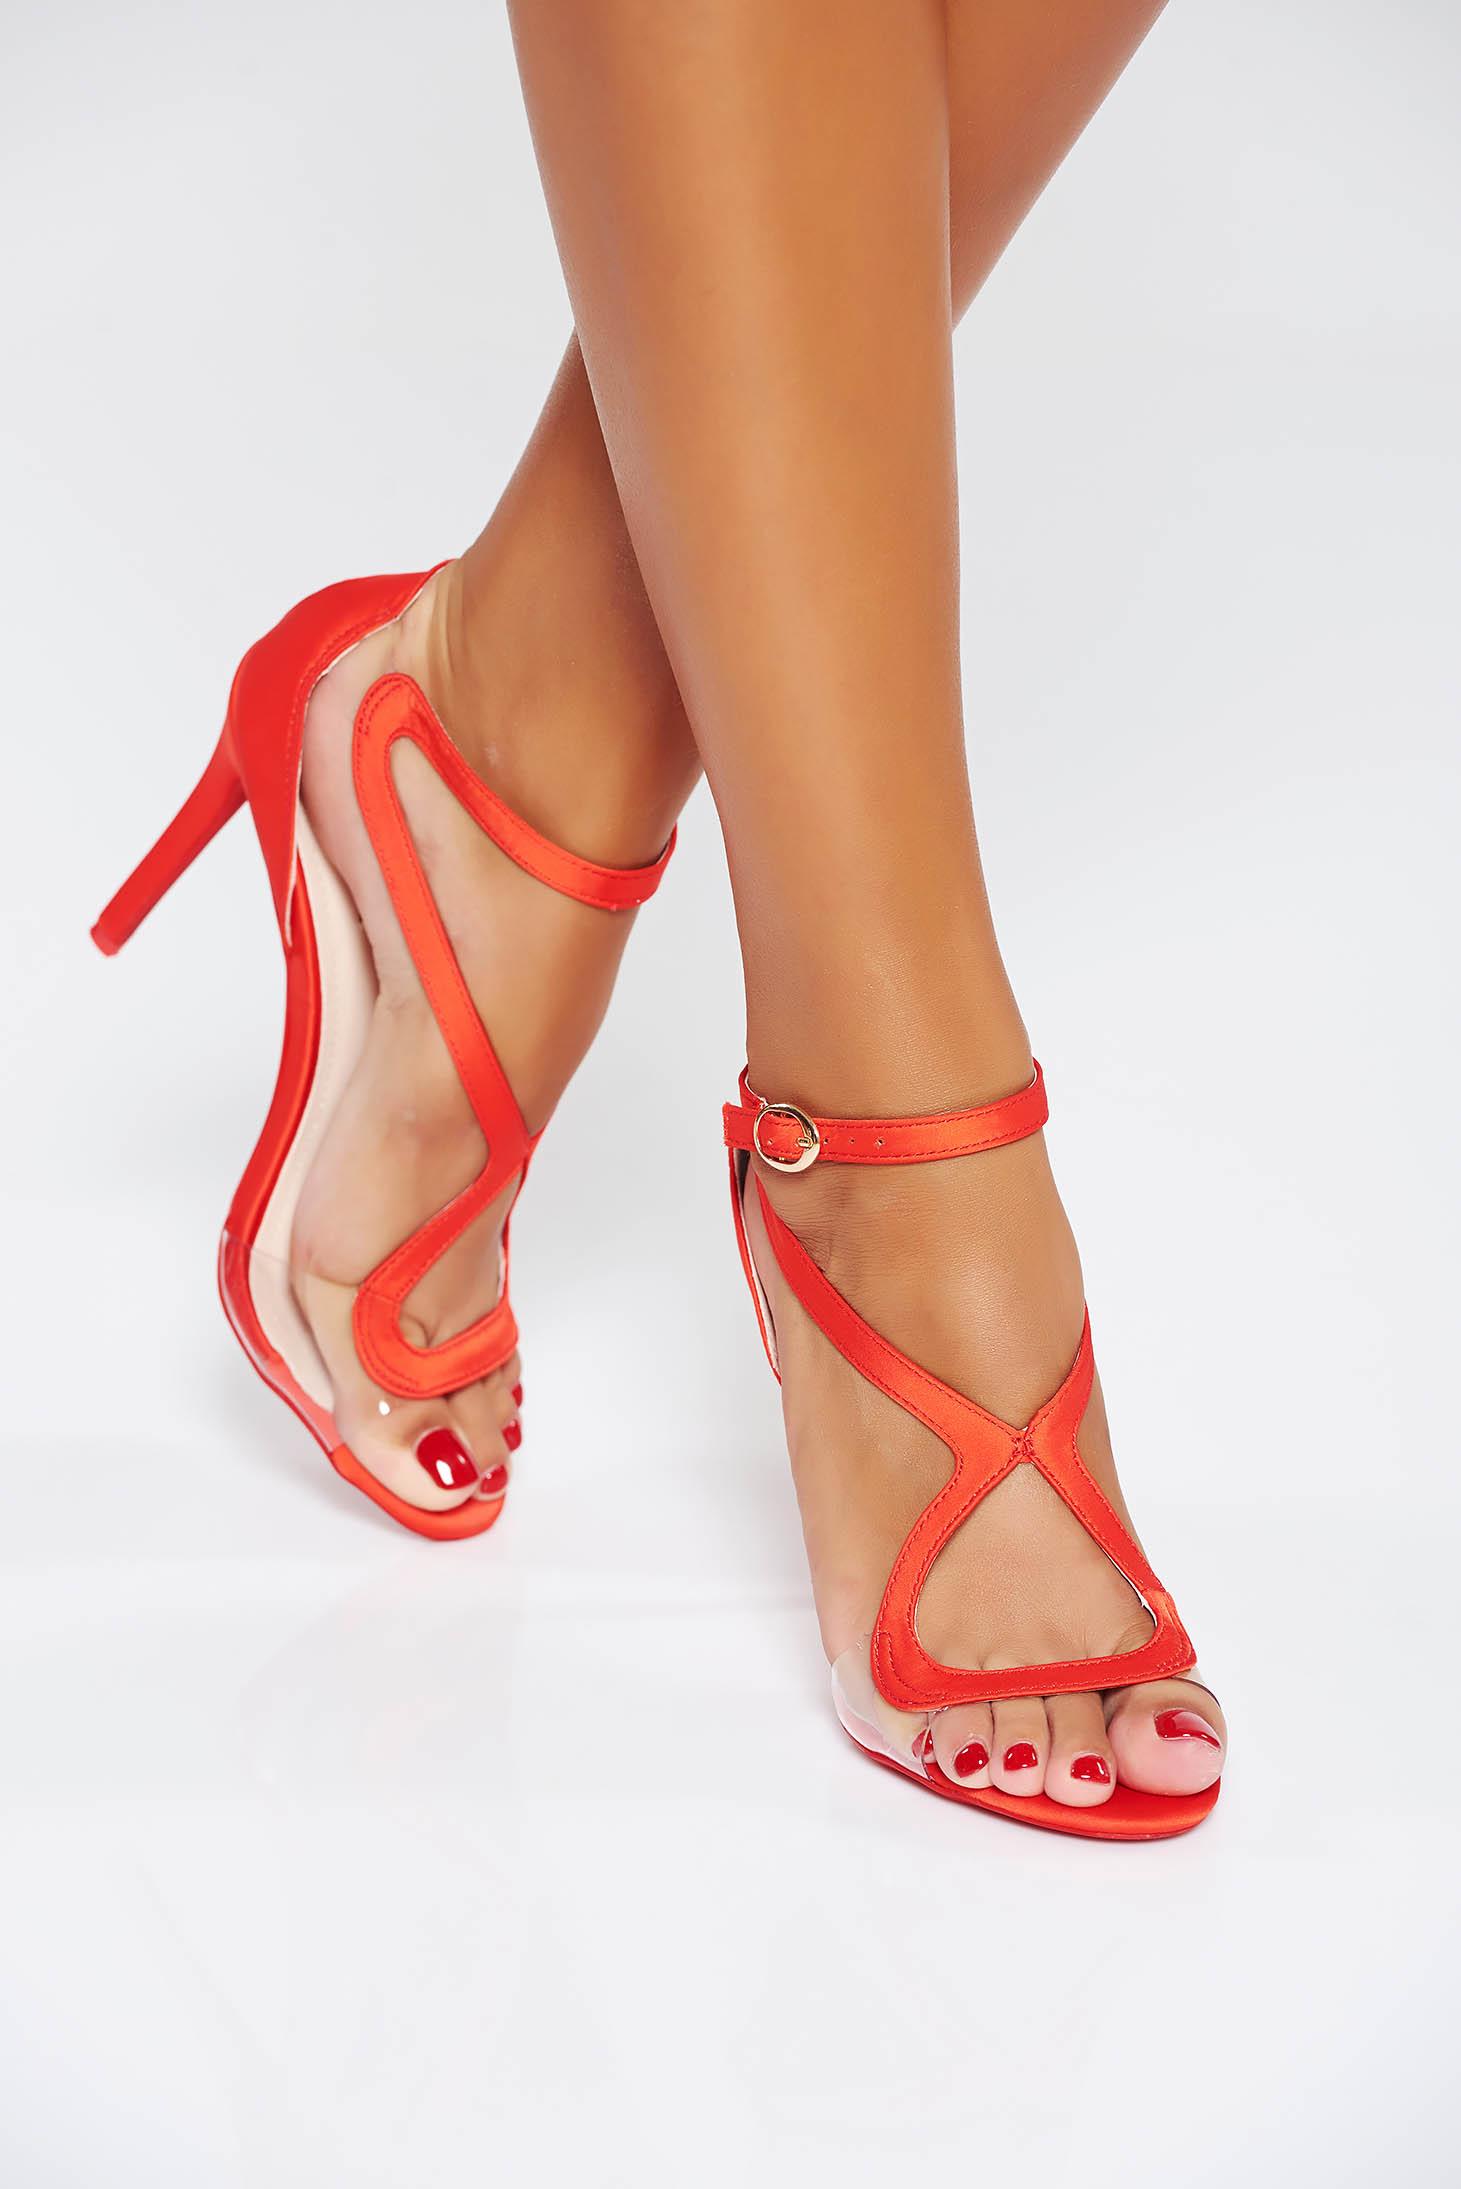 Sandale rosii de ocazie cu barete subtiri din piele ecologica